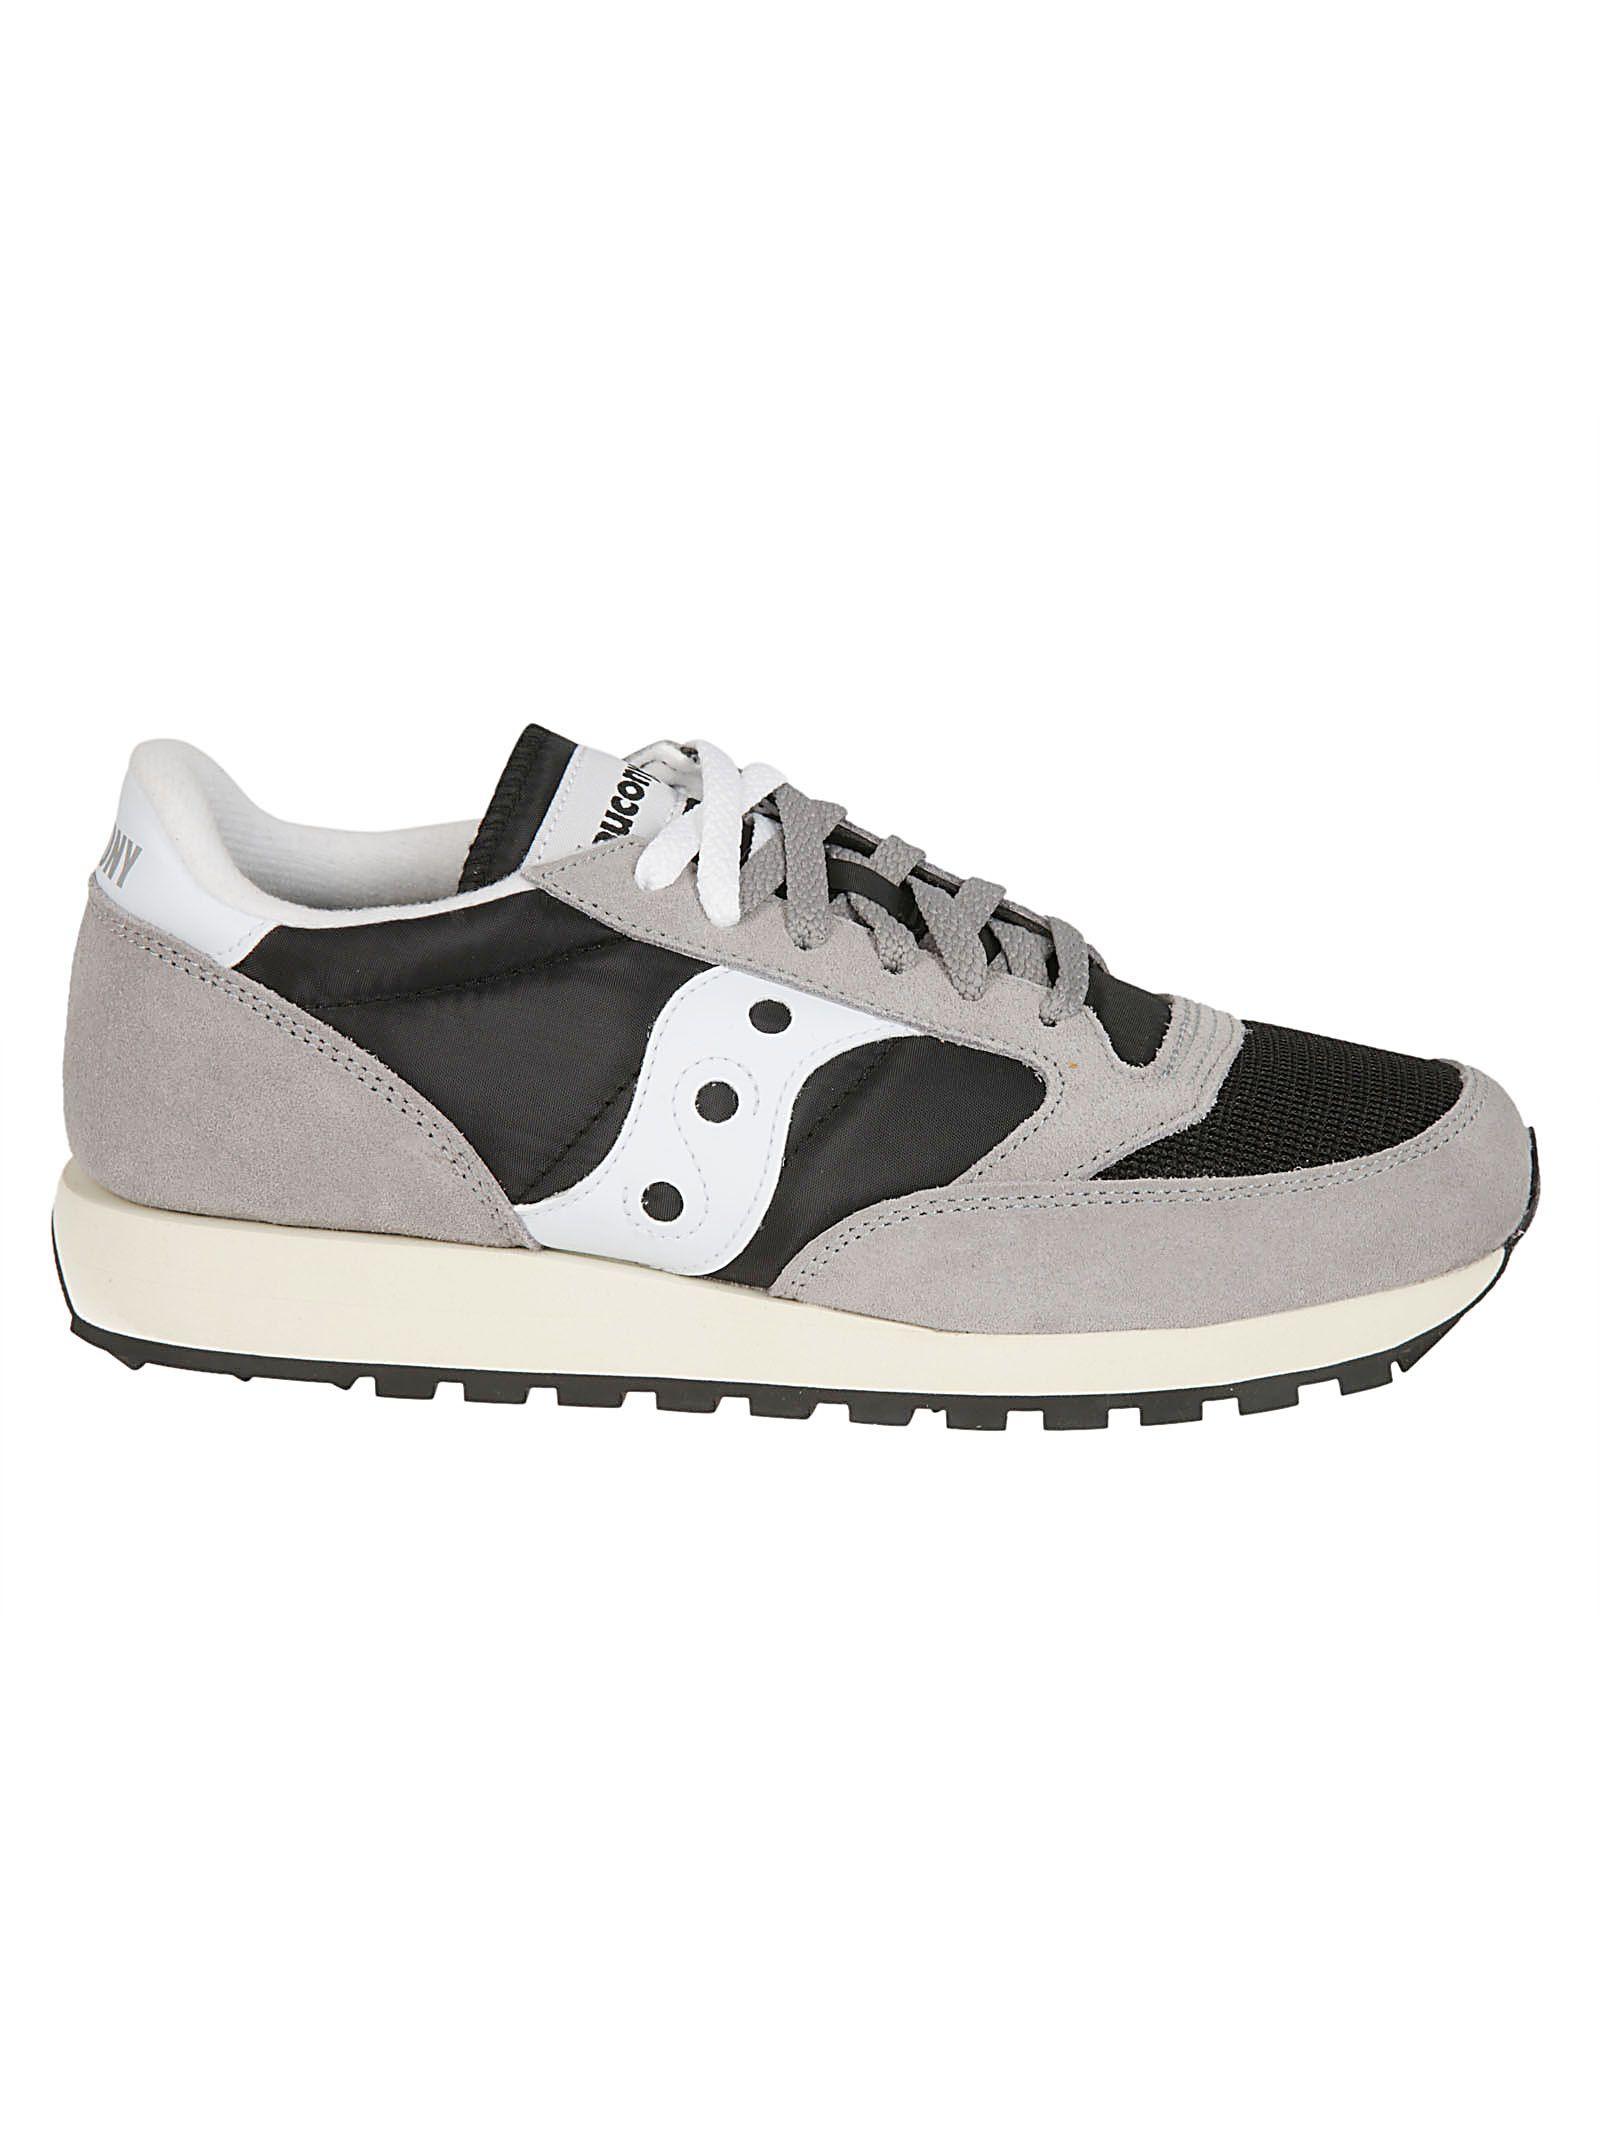 Saucony Jazz Originals Vintage Sneakers